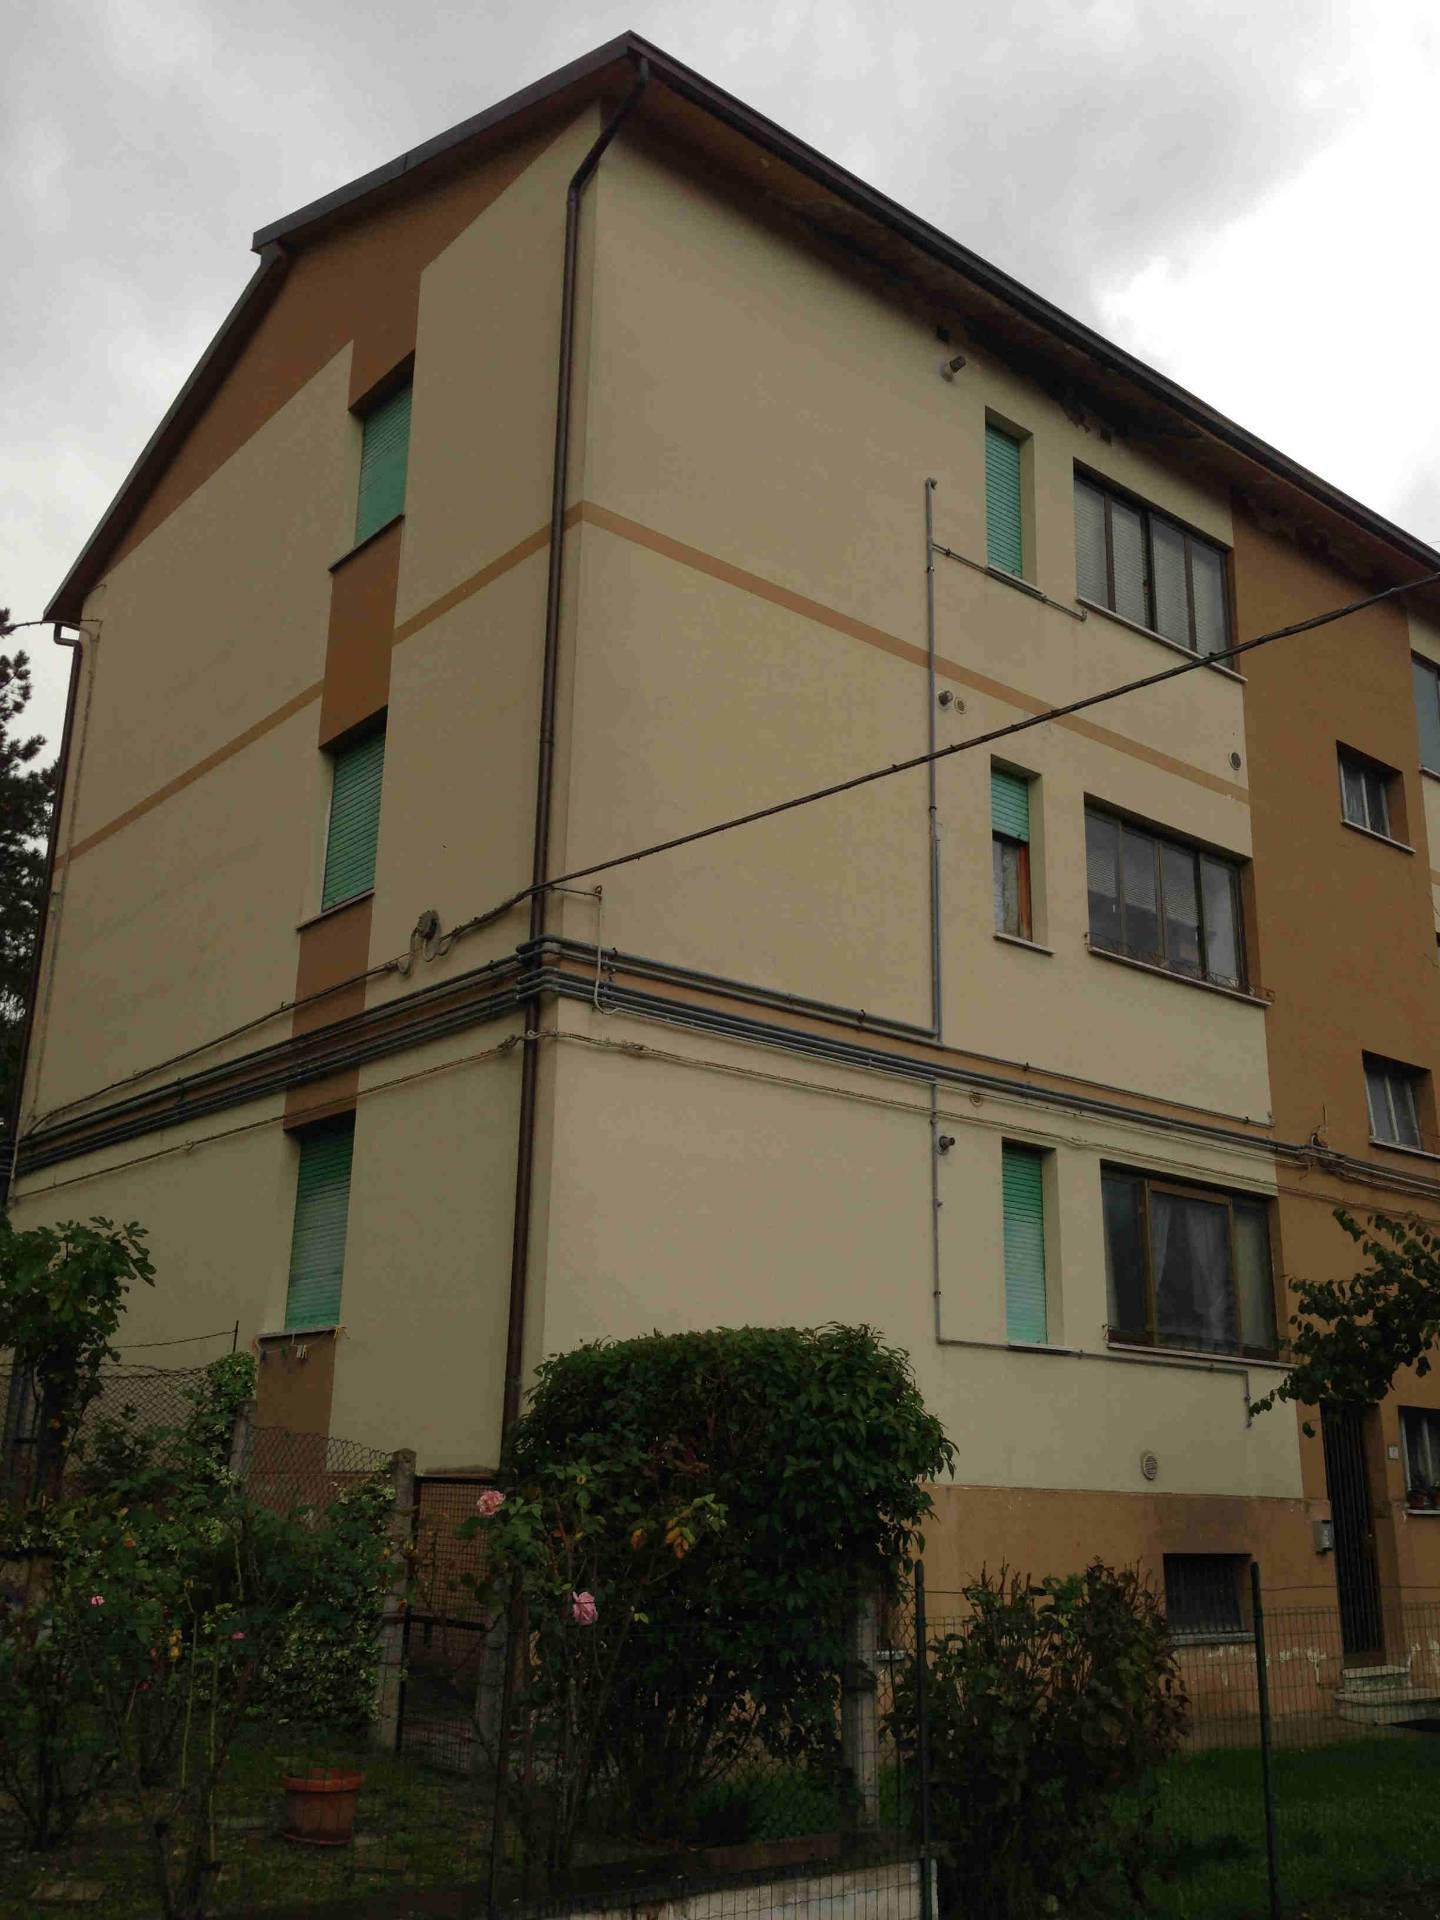 Appartamento in vendita a Sassoferrato, 5 locali, prezzo € 43.000 | CambioCasa.it